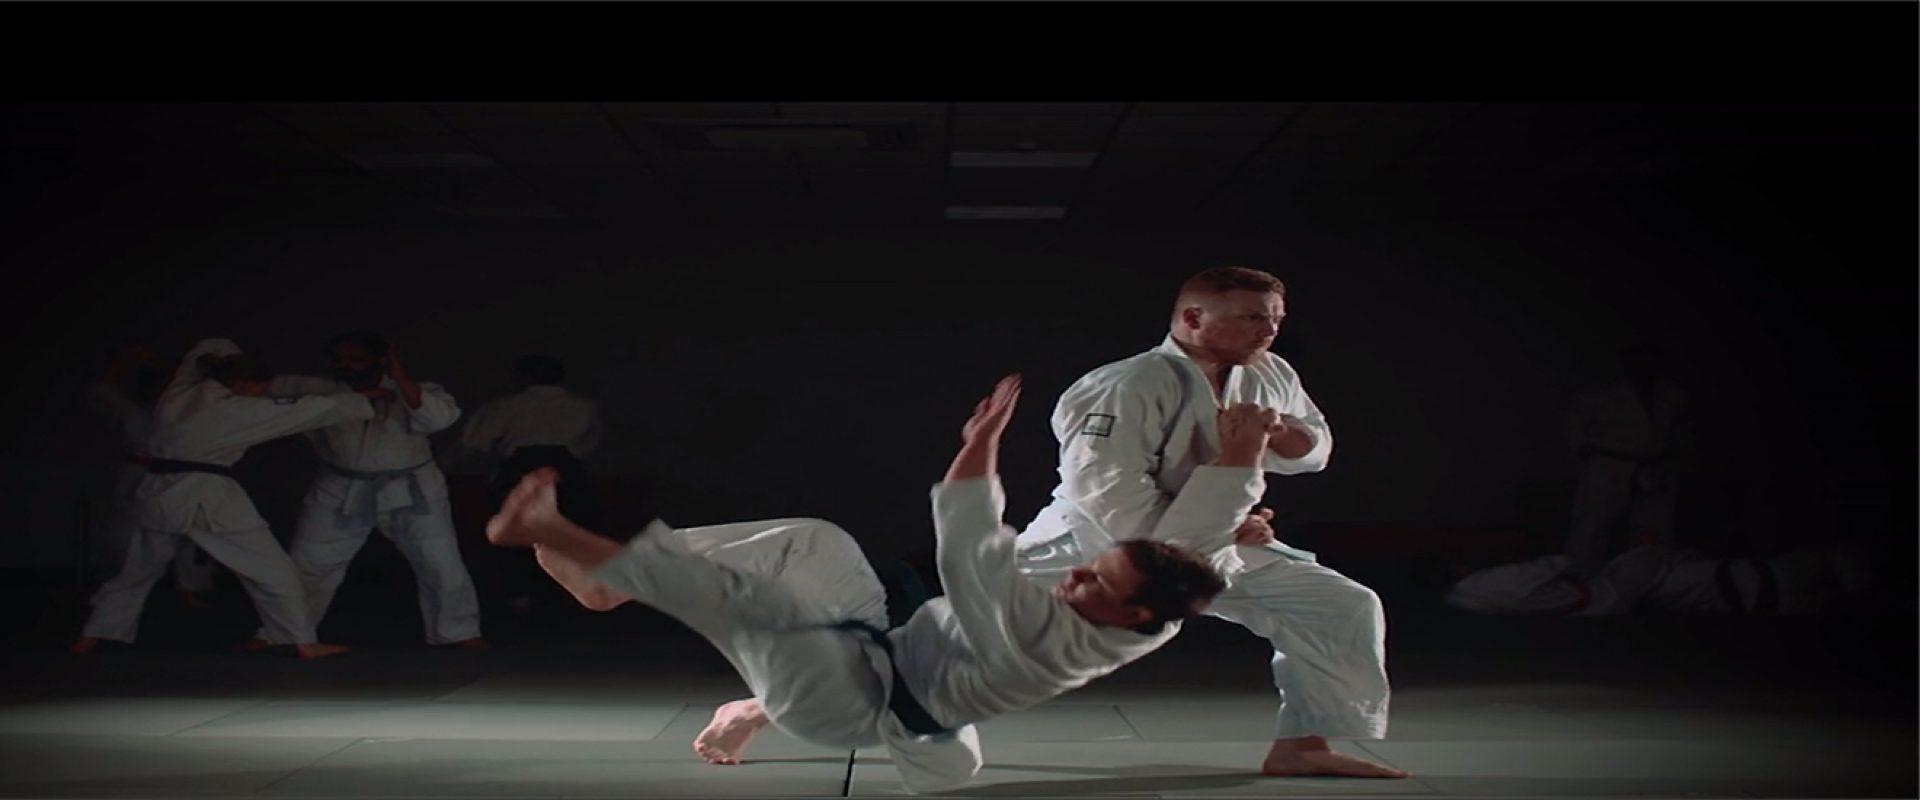 Manchester Jitsu